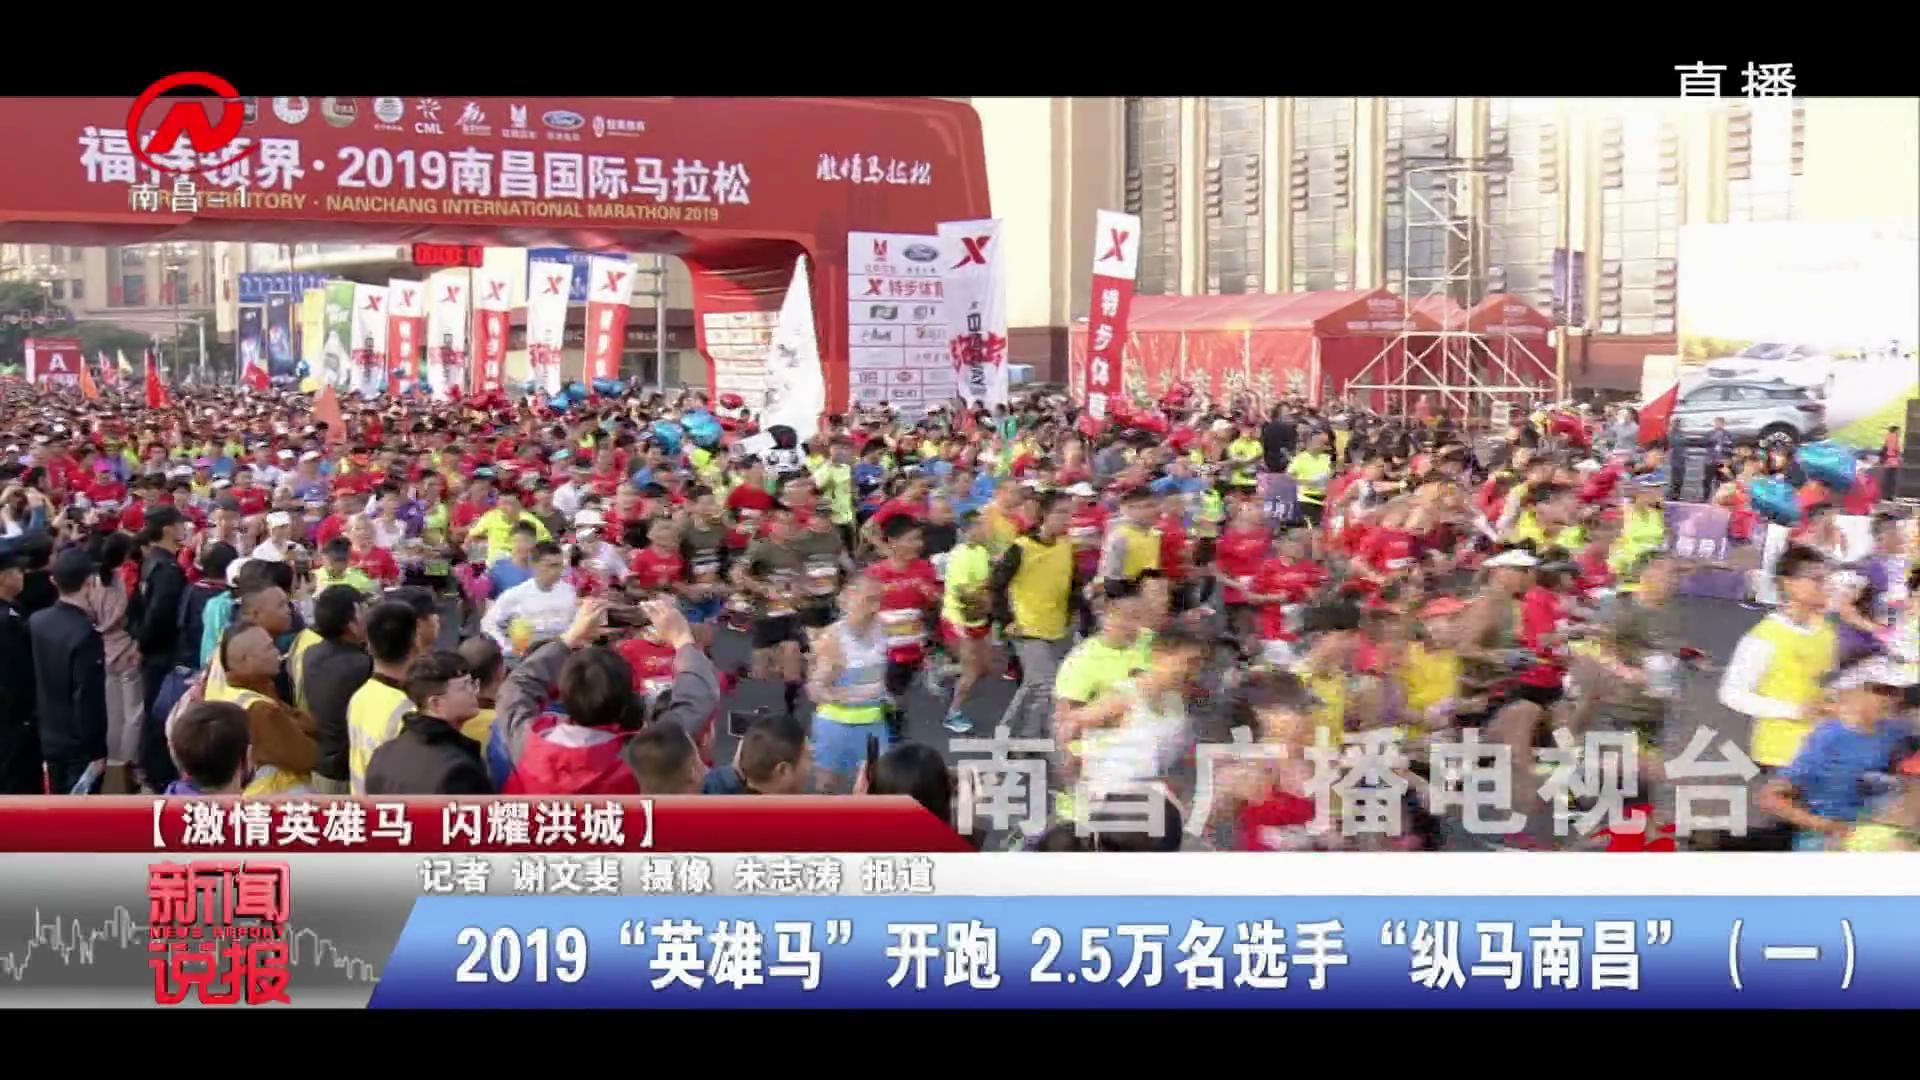 """2019""""英雄马""""开跑 2.5万名选手""""纵马南昌"""""""